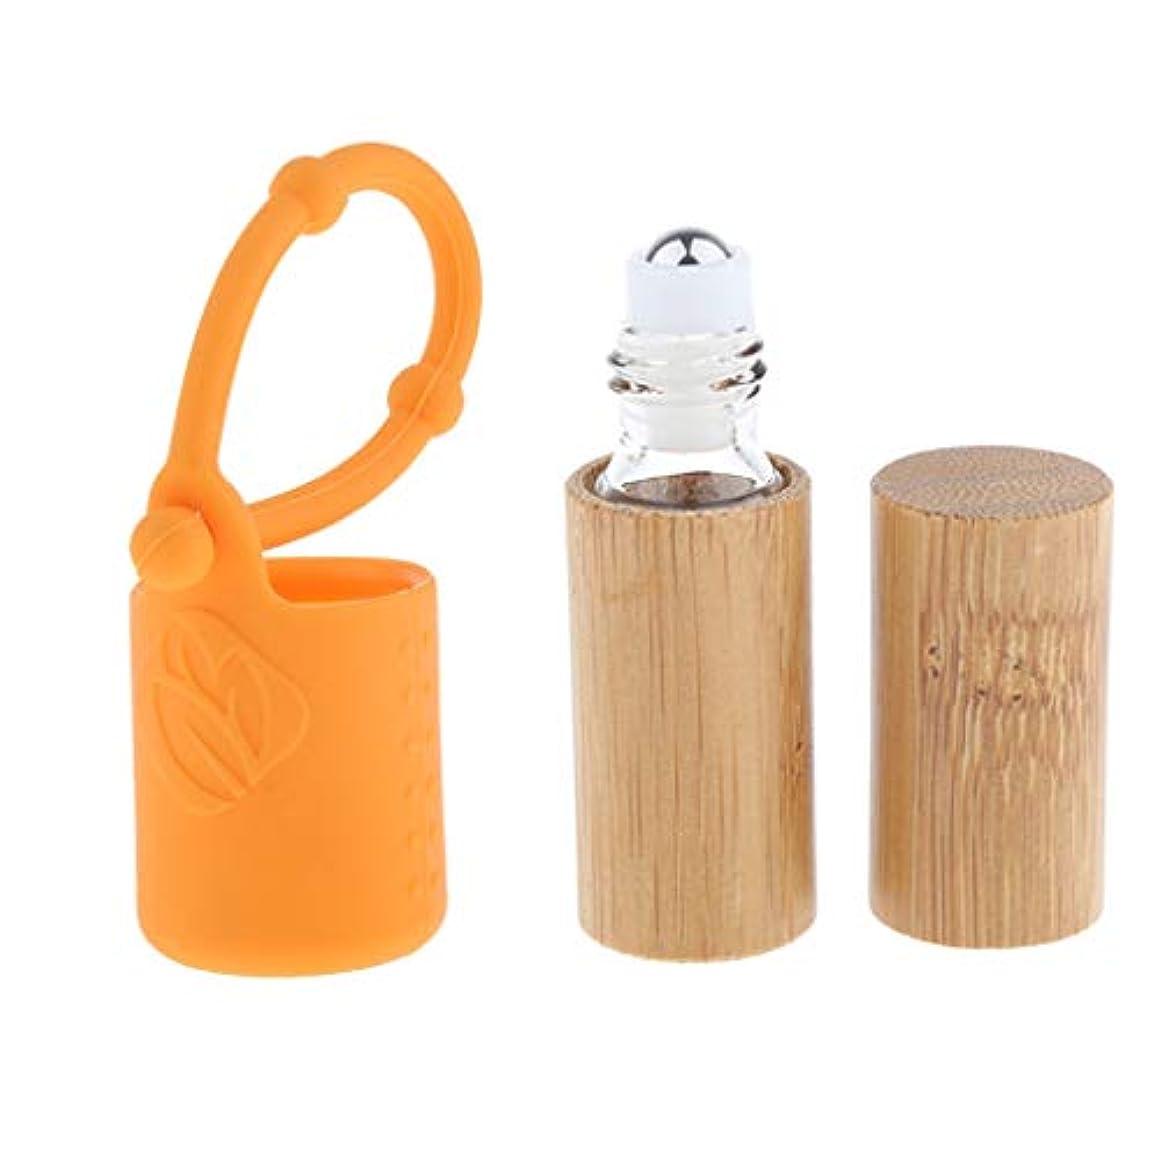 謝罪する拡声器放散する空のエッセンシャルオイル 精油瓶 香水瓶 竹ボトル 詰め替え カバースリーブ 吊り掛け